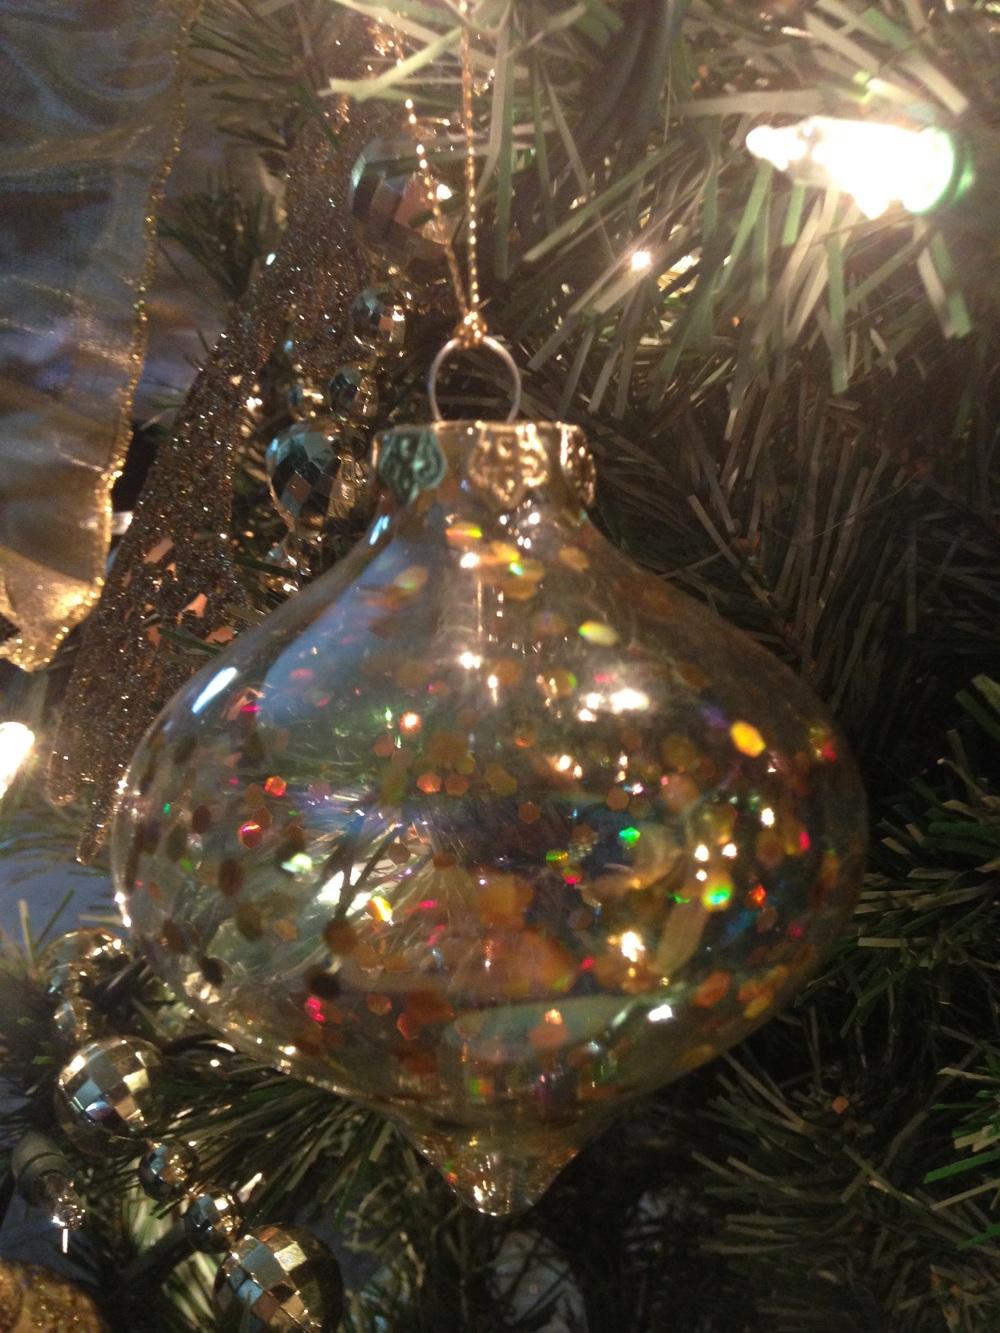 Christmas-Tree-Sparkly-Ornament.jpg